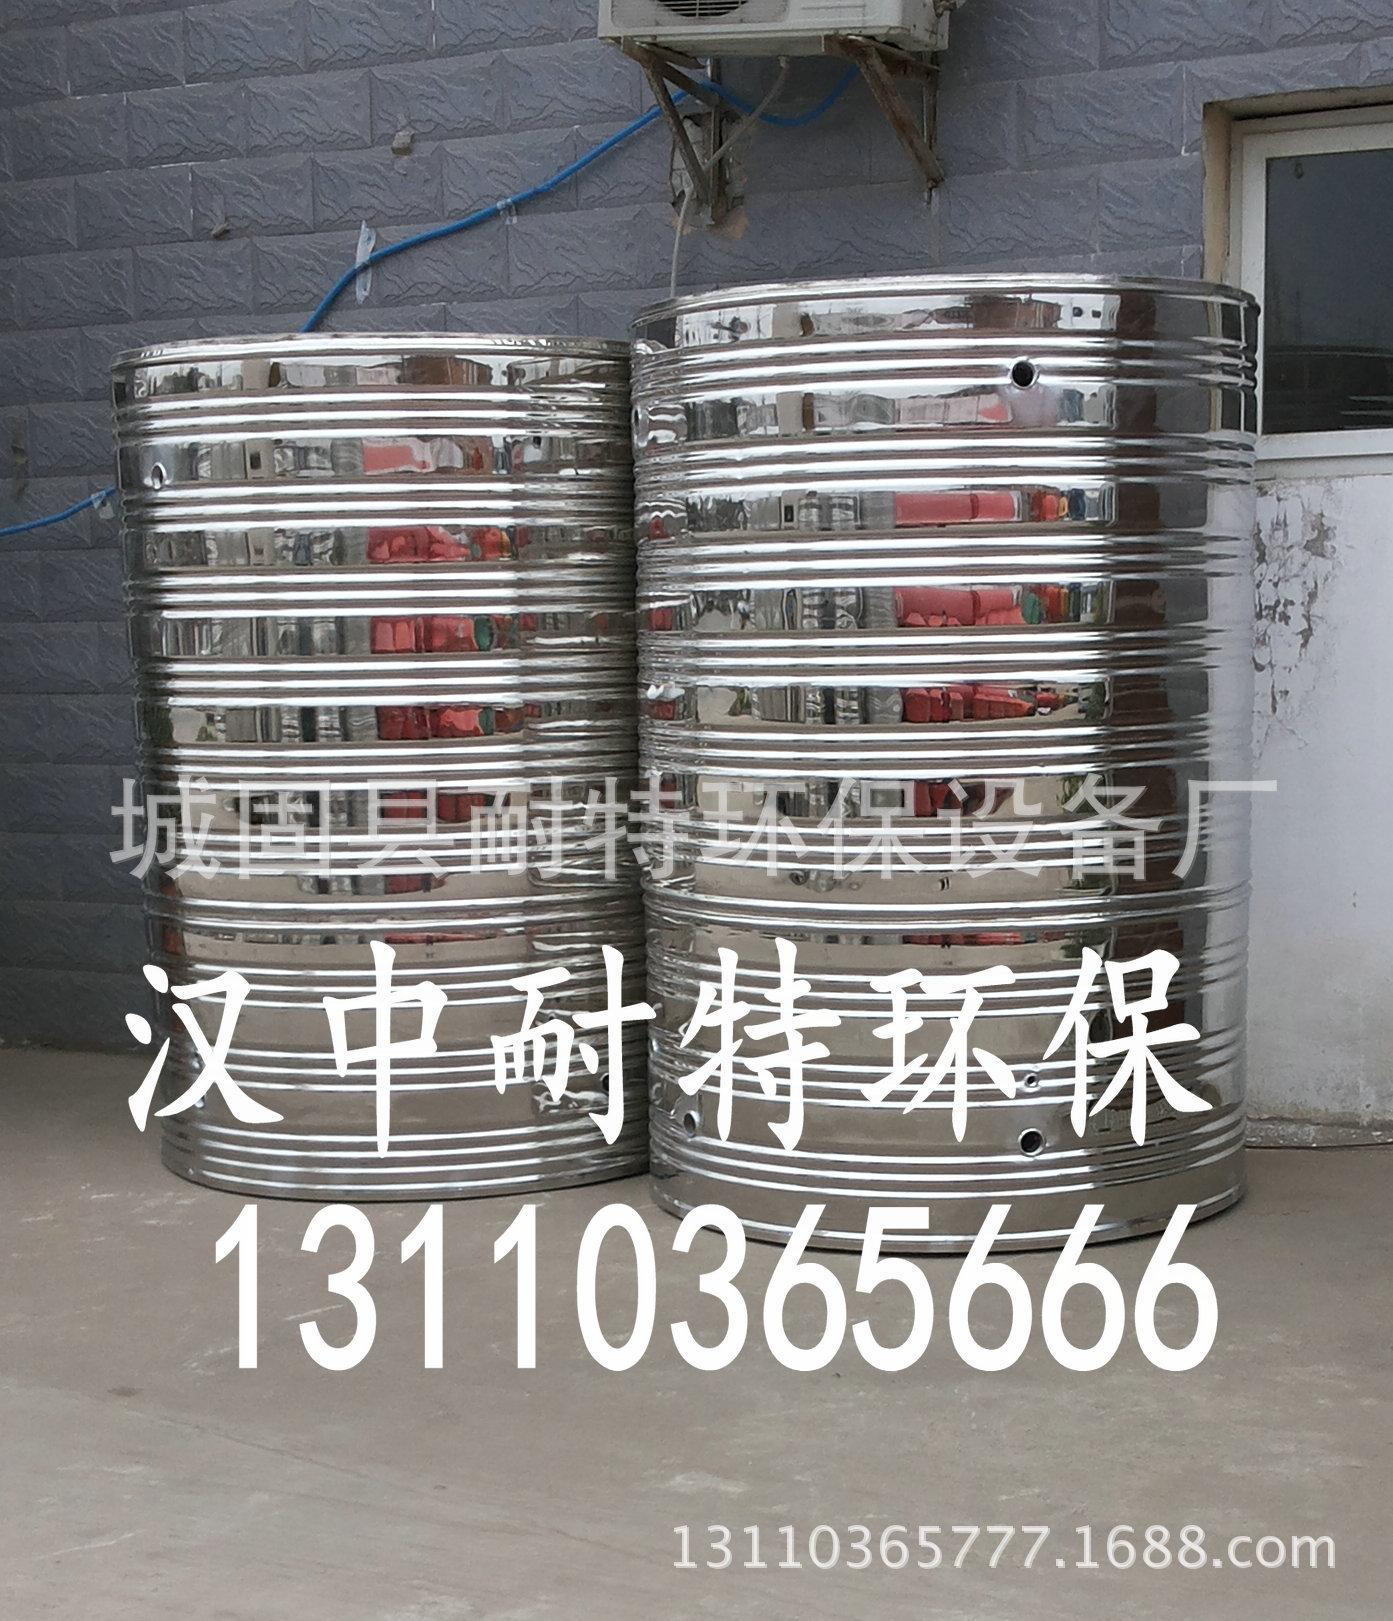 不锈钢保温水箱 不锈钢保温水箱最新批发价格8T 汉中耐特 阿里巴巴